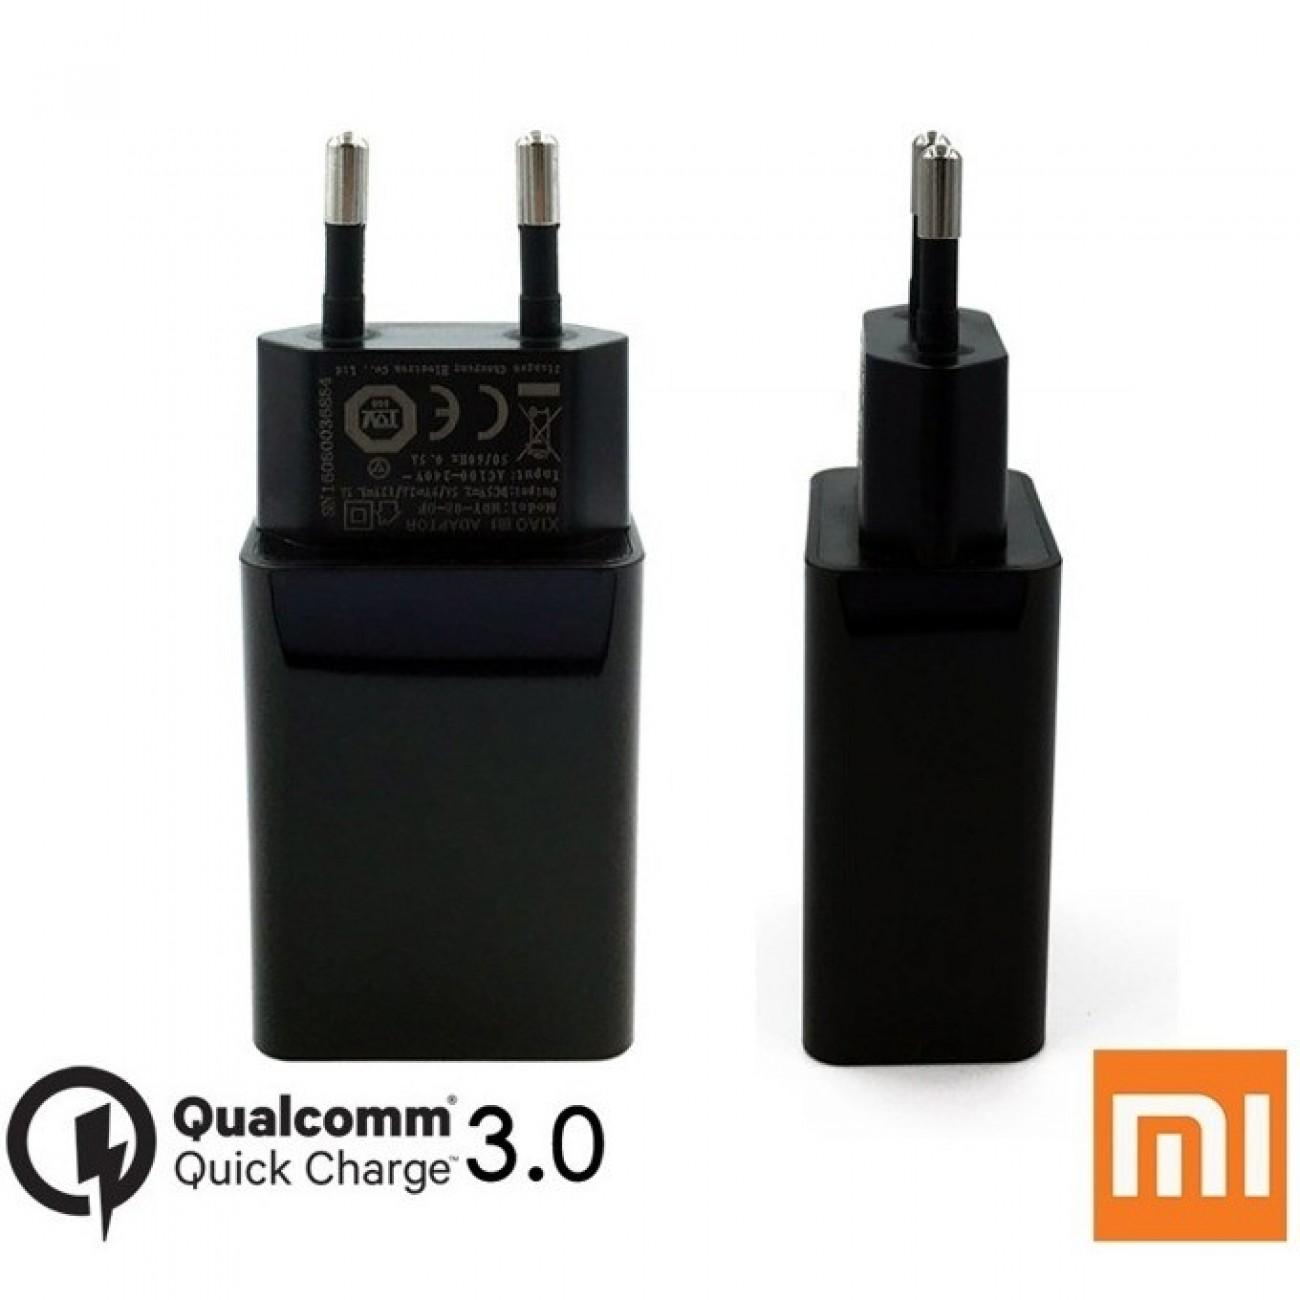 Зарядно устройство Xiaomi Mi MDY-08-DF, от контакт към USB-A(ж), Qualcomm QuickCharge 3.0 5V/2.5A, черен, bulk в Зарядни устройства за батерии - Xiaomi | Alleop